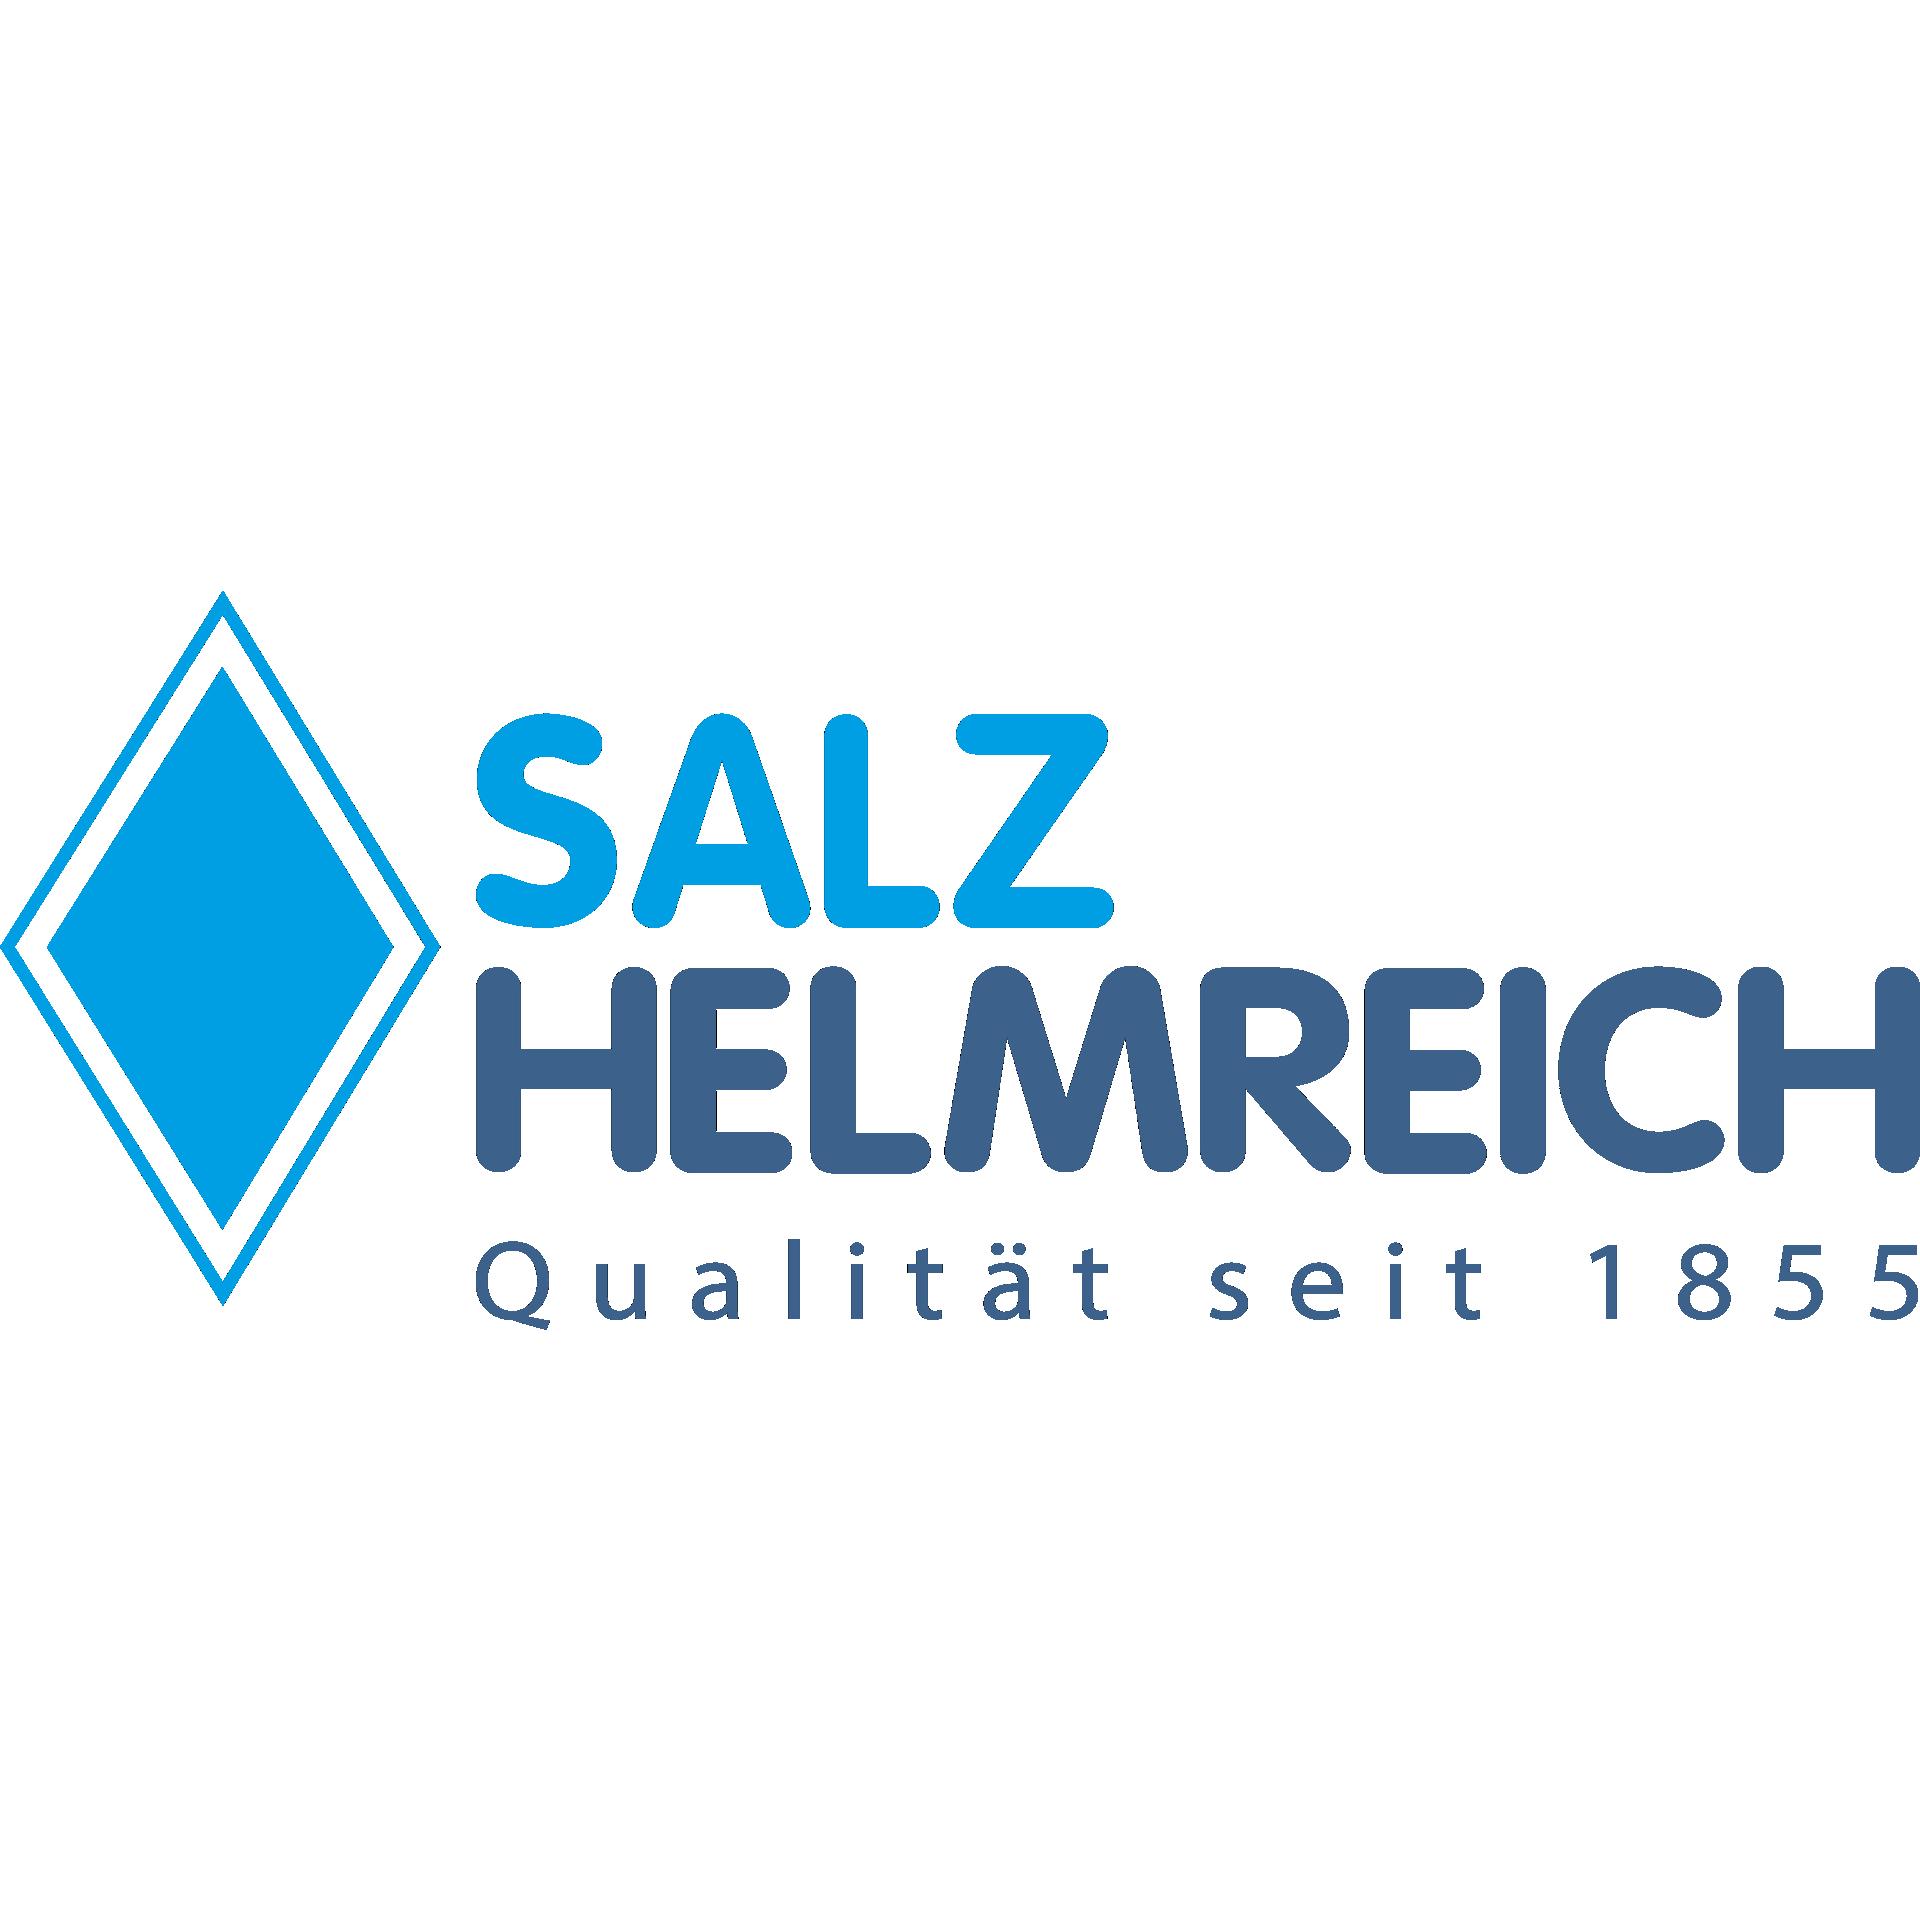 Brezelsalz - Siede-Speisesalz 1,25-2,5 mm im 25 kg Sack